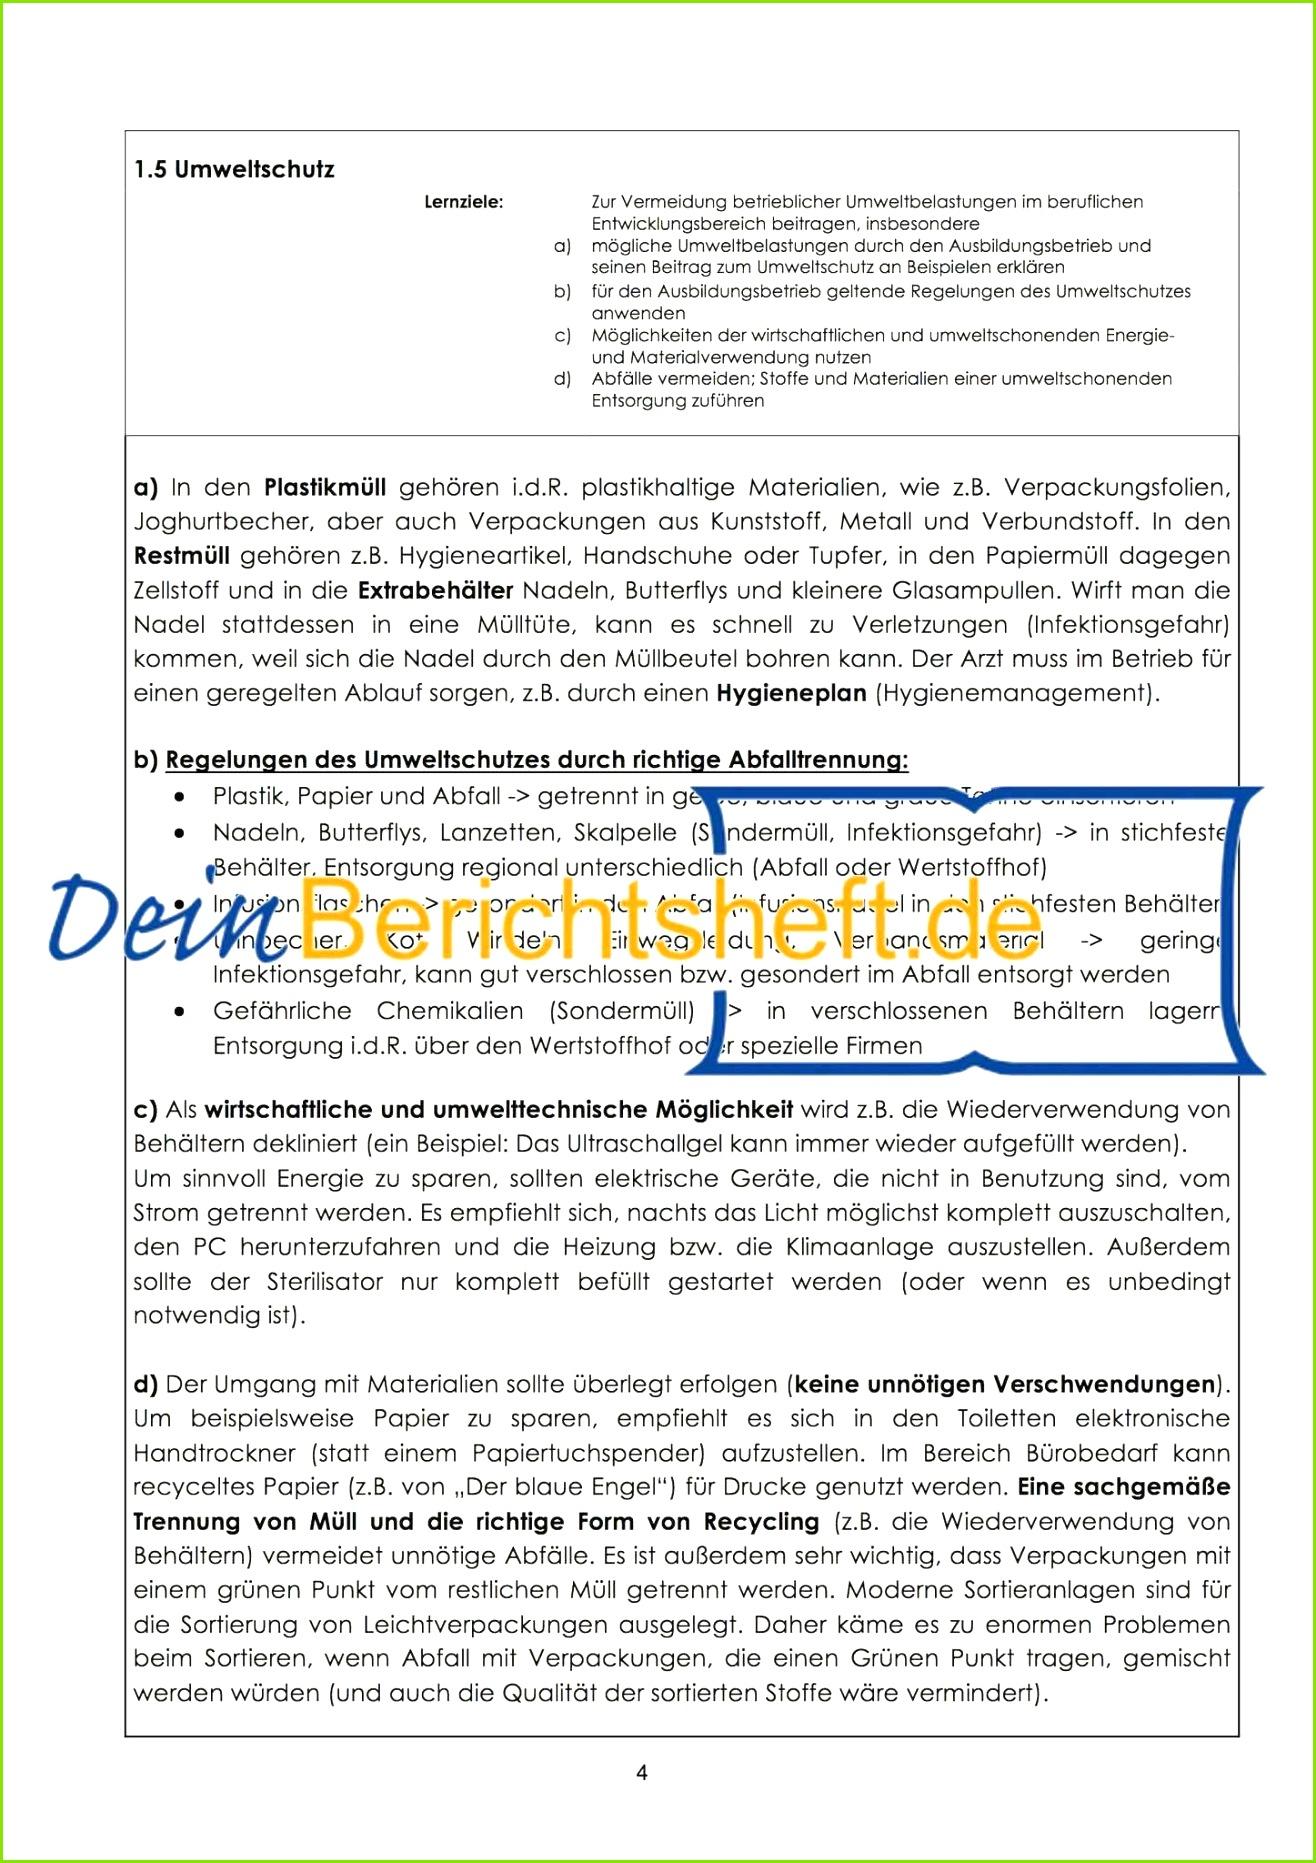 Berichtsheft Deckblatt Pdf Abbild Ihk Berichtsheft Vorlage Einzigartig Wunderbar Monatsbericht